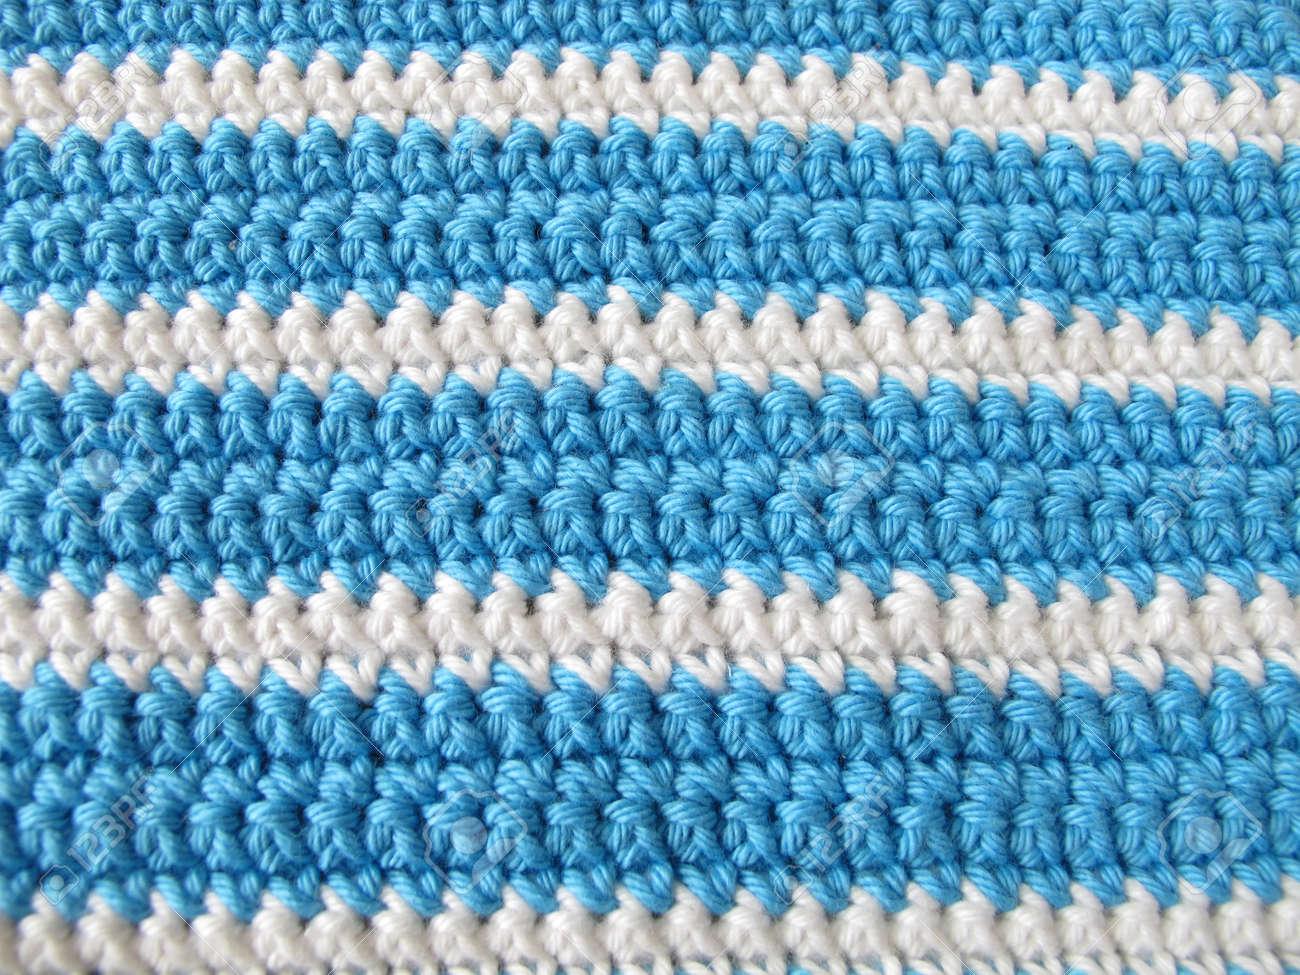 Pattern Hintergrund Von Einzel Häkeln Stich In Weiß Und Blau ...